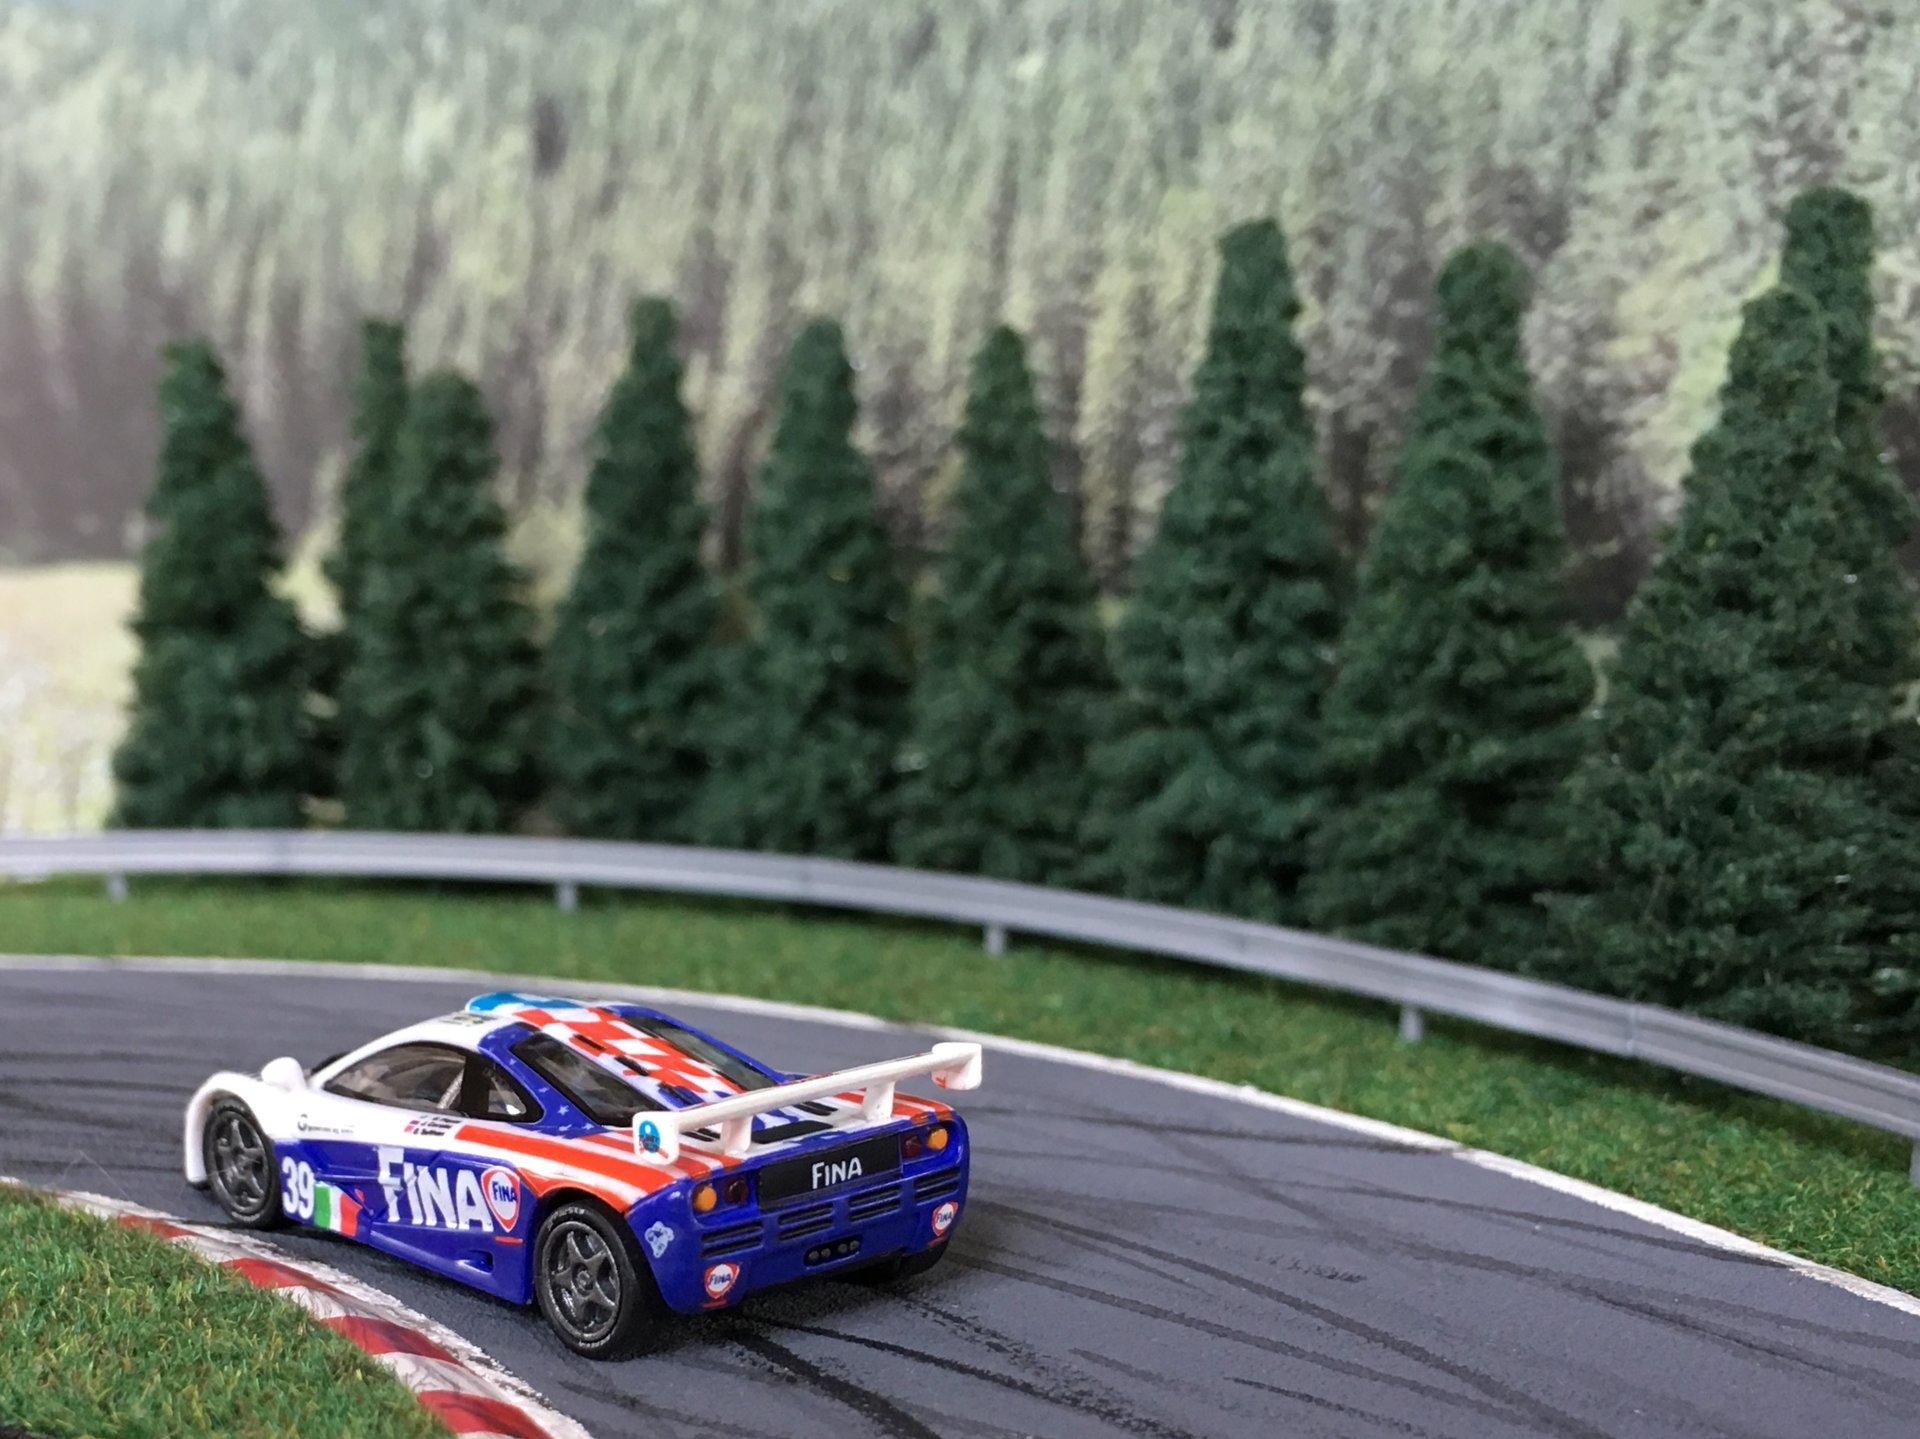 McLaren F1 GTR 006.jpg